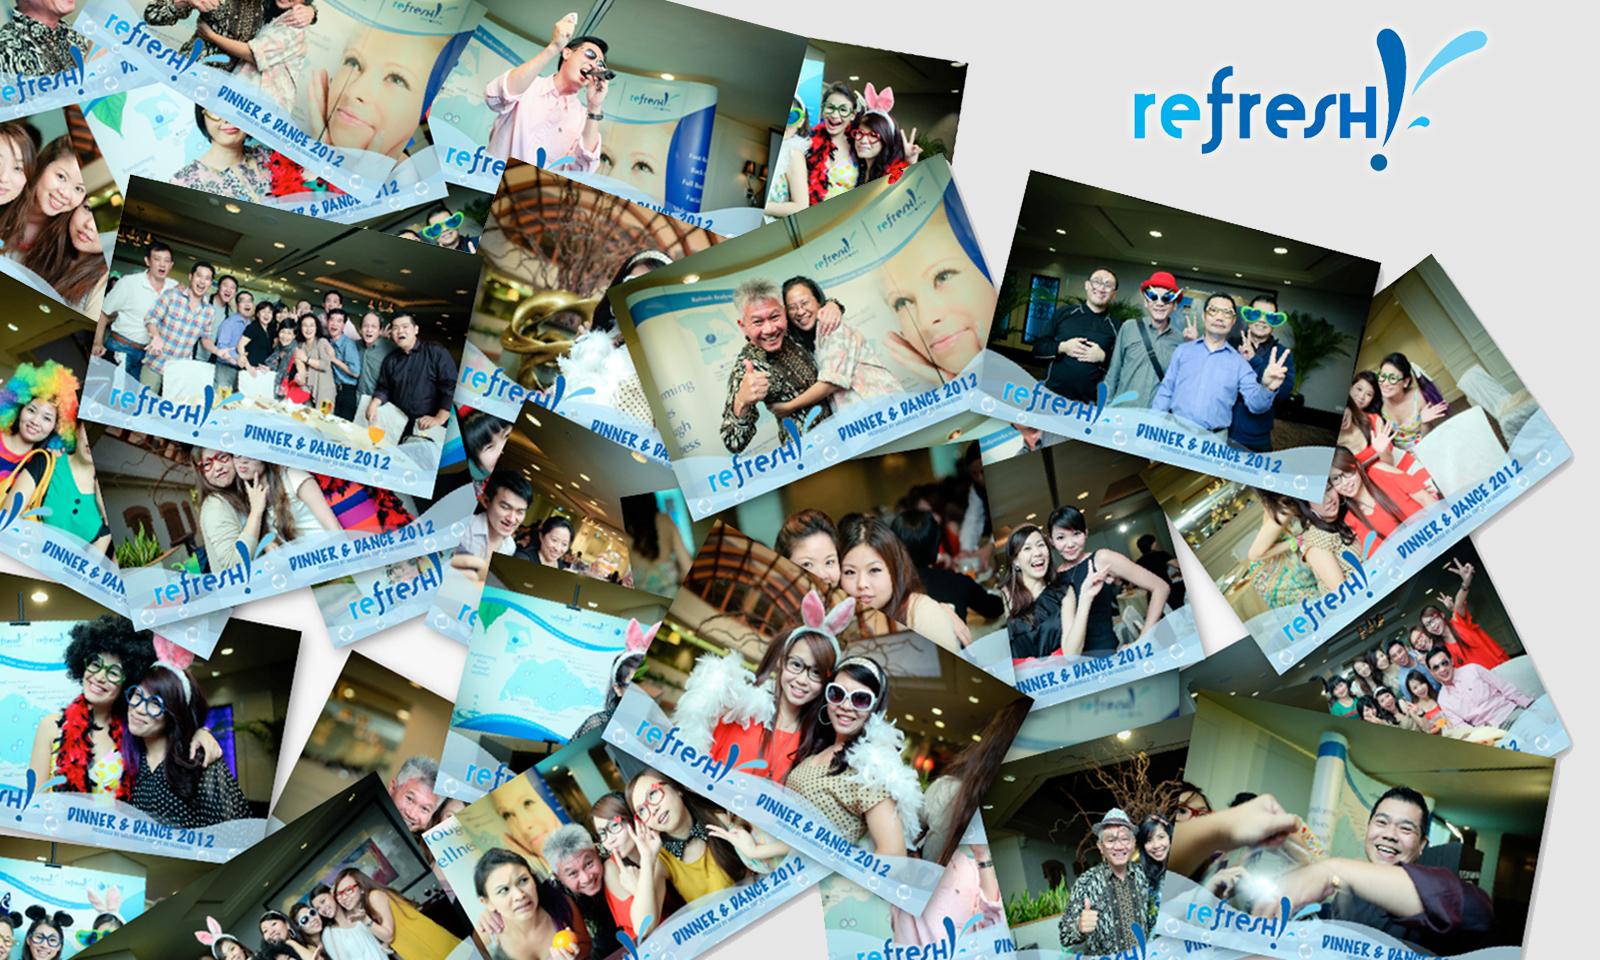 refreshdd2012